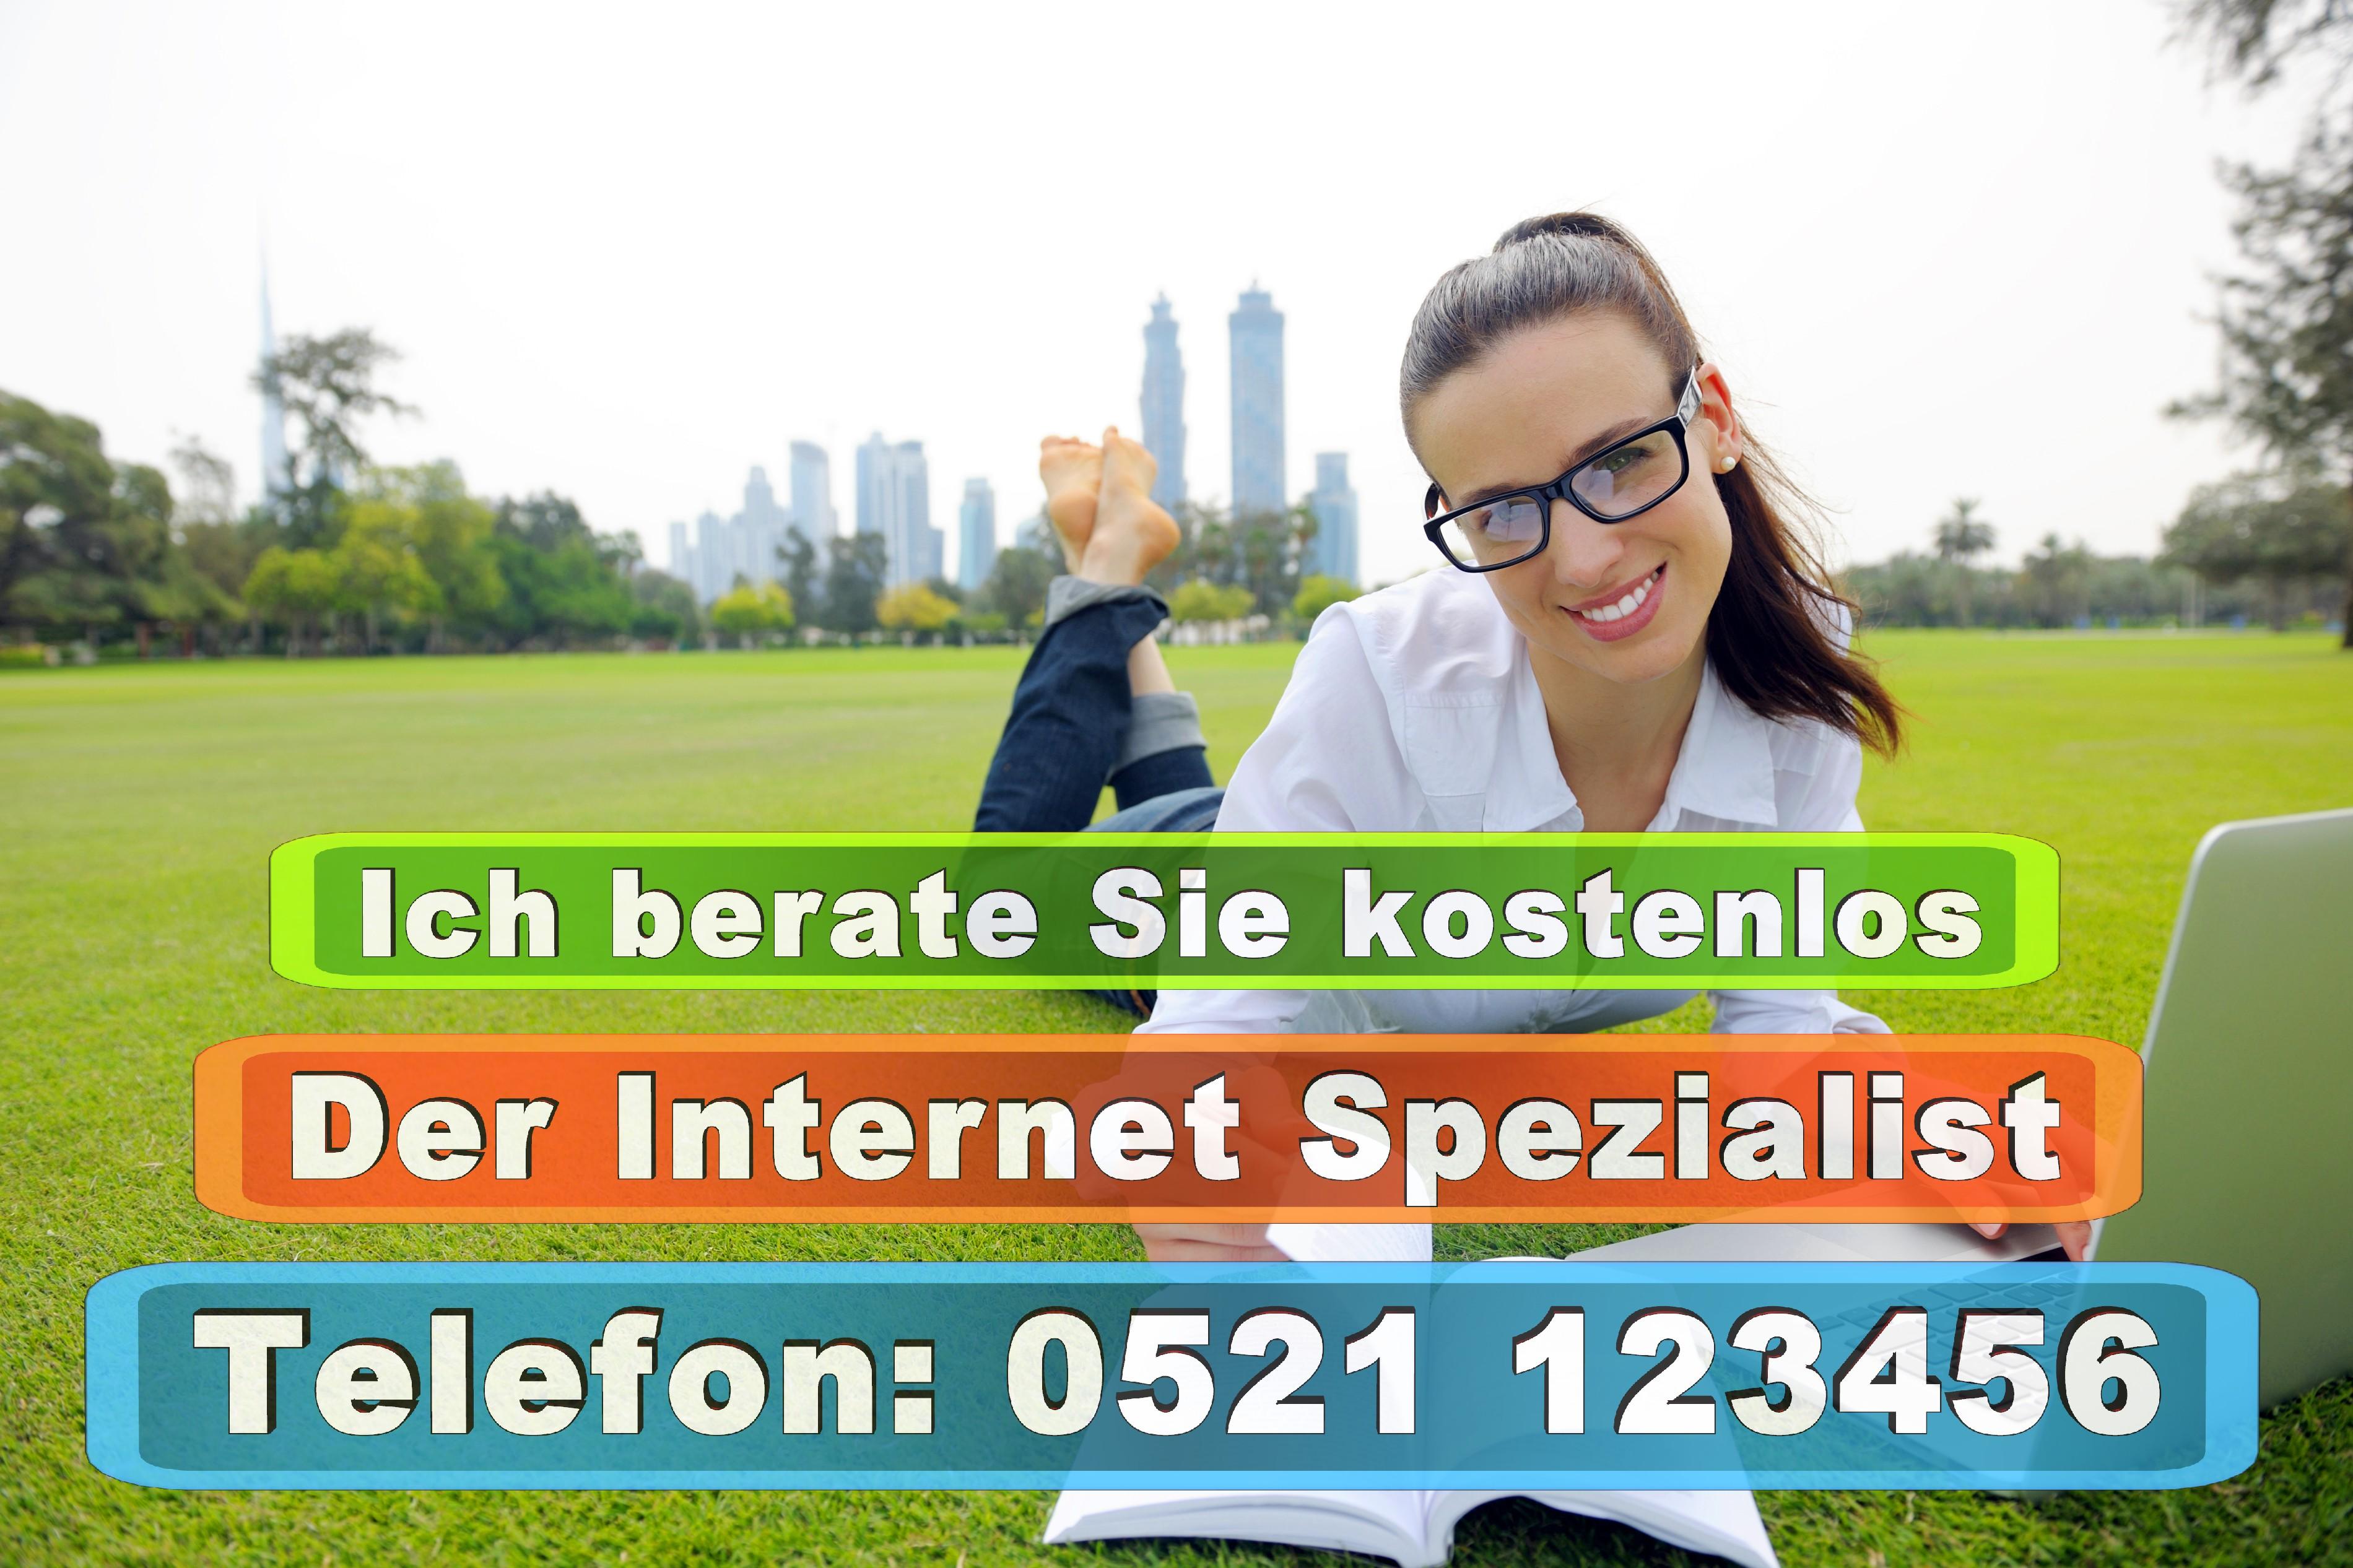 UNI Bielefeld Universität Bielefeld NRW Studentenwohnheim Mensa UNI Bielefeld NRW